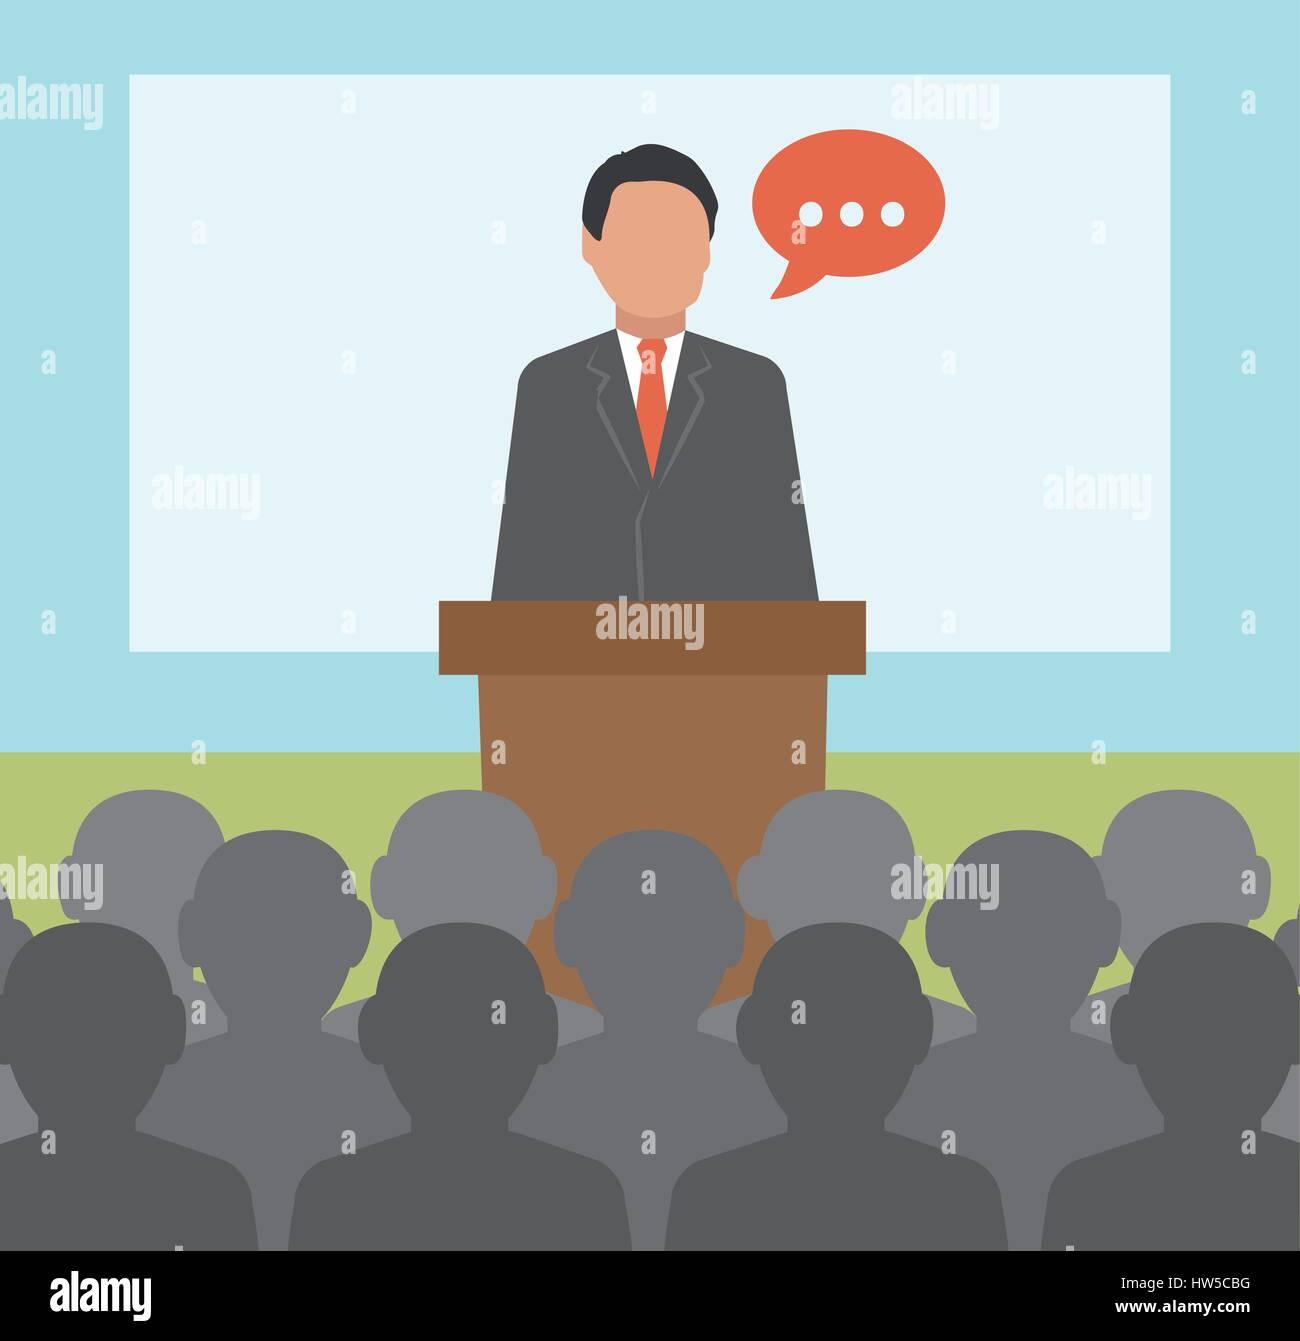 Conferenza. Concetto di illustrazione di business Immagini Stock